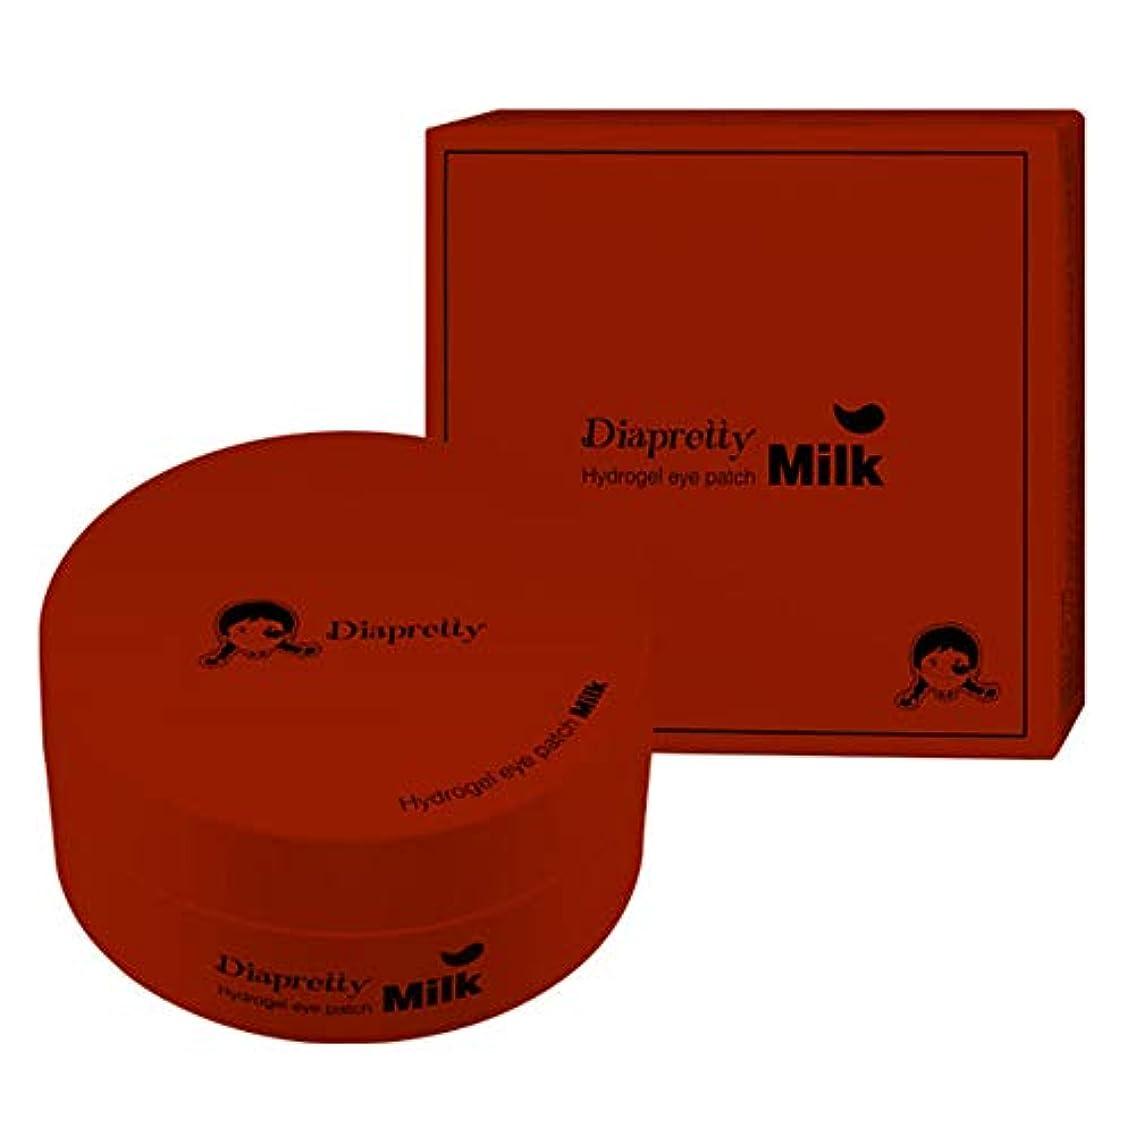 人早いシニス[ダイアプリティ] ハイドロゲルア イパッチ (Red Ginseng) 60枚, [Diapretty] Hydrogel Eyepatch(Red Ginseng) 60pieces